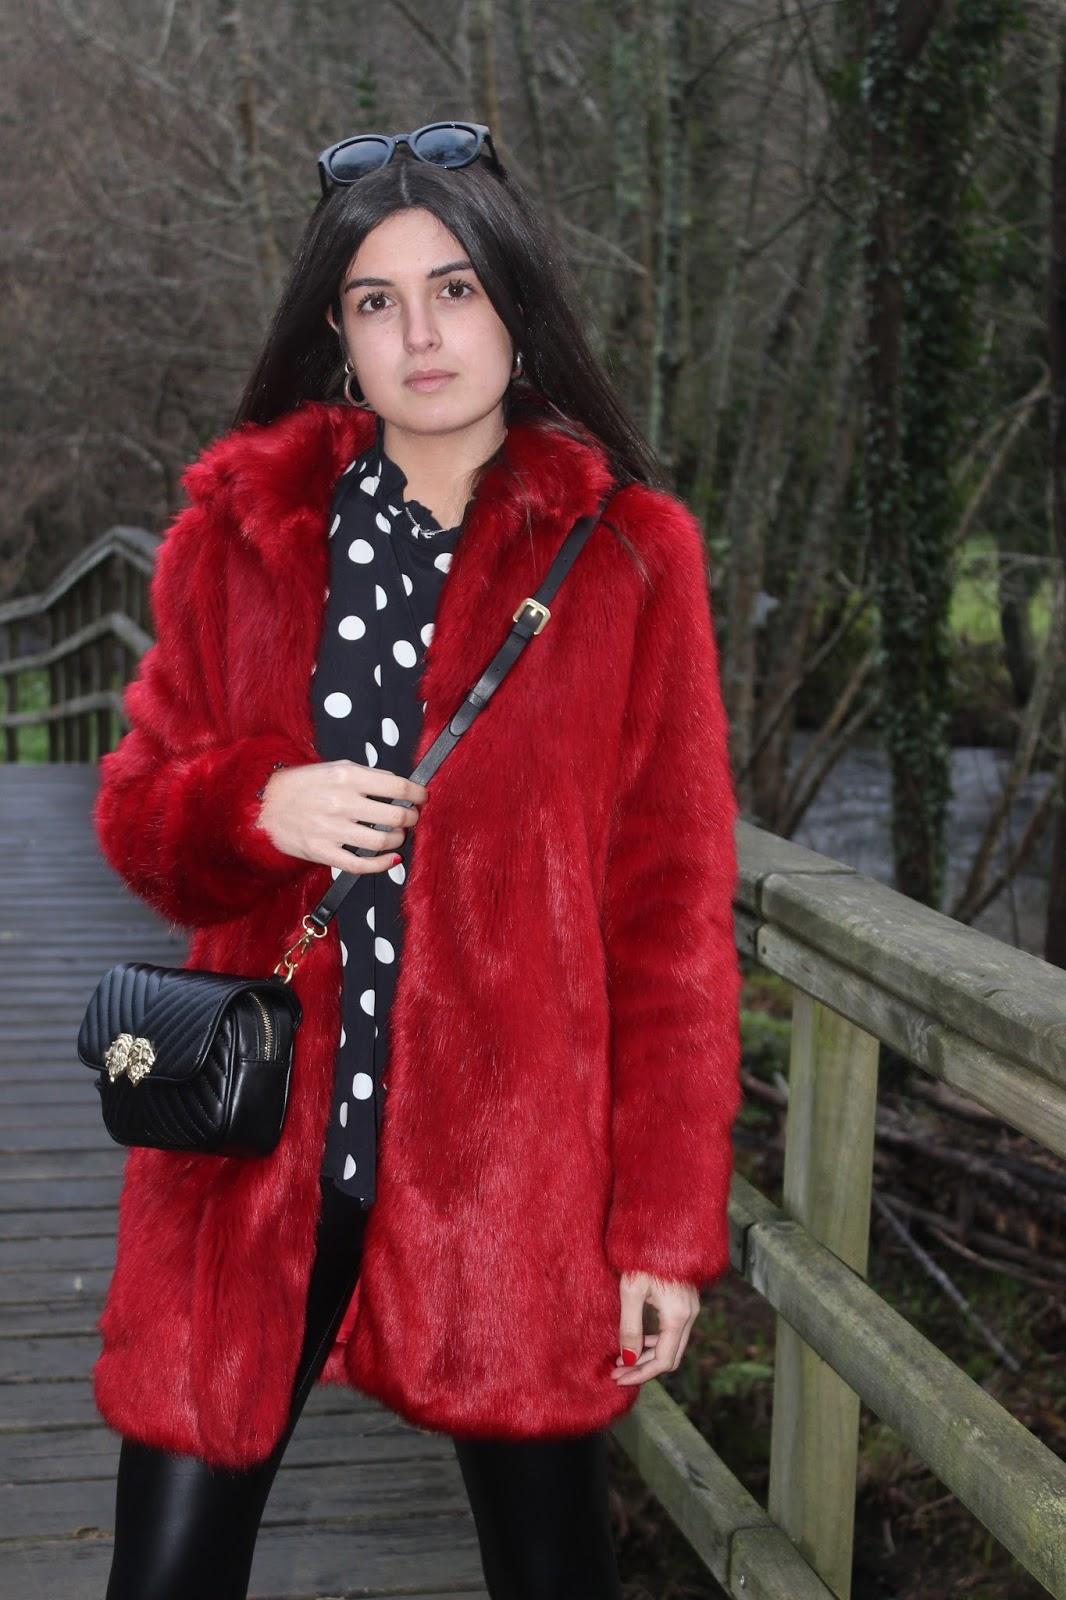 Un abrigo de pelo en color rojo - LLUVIA ÁCIDA f1583b025e938